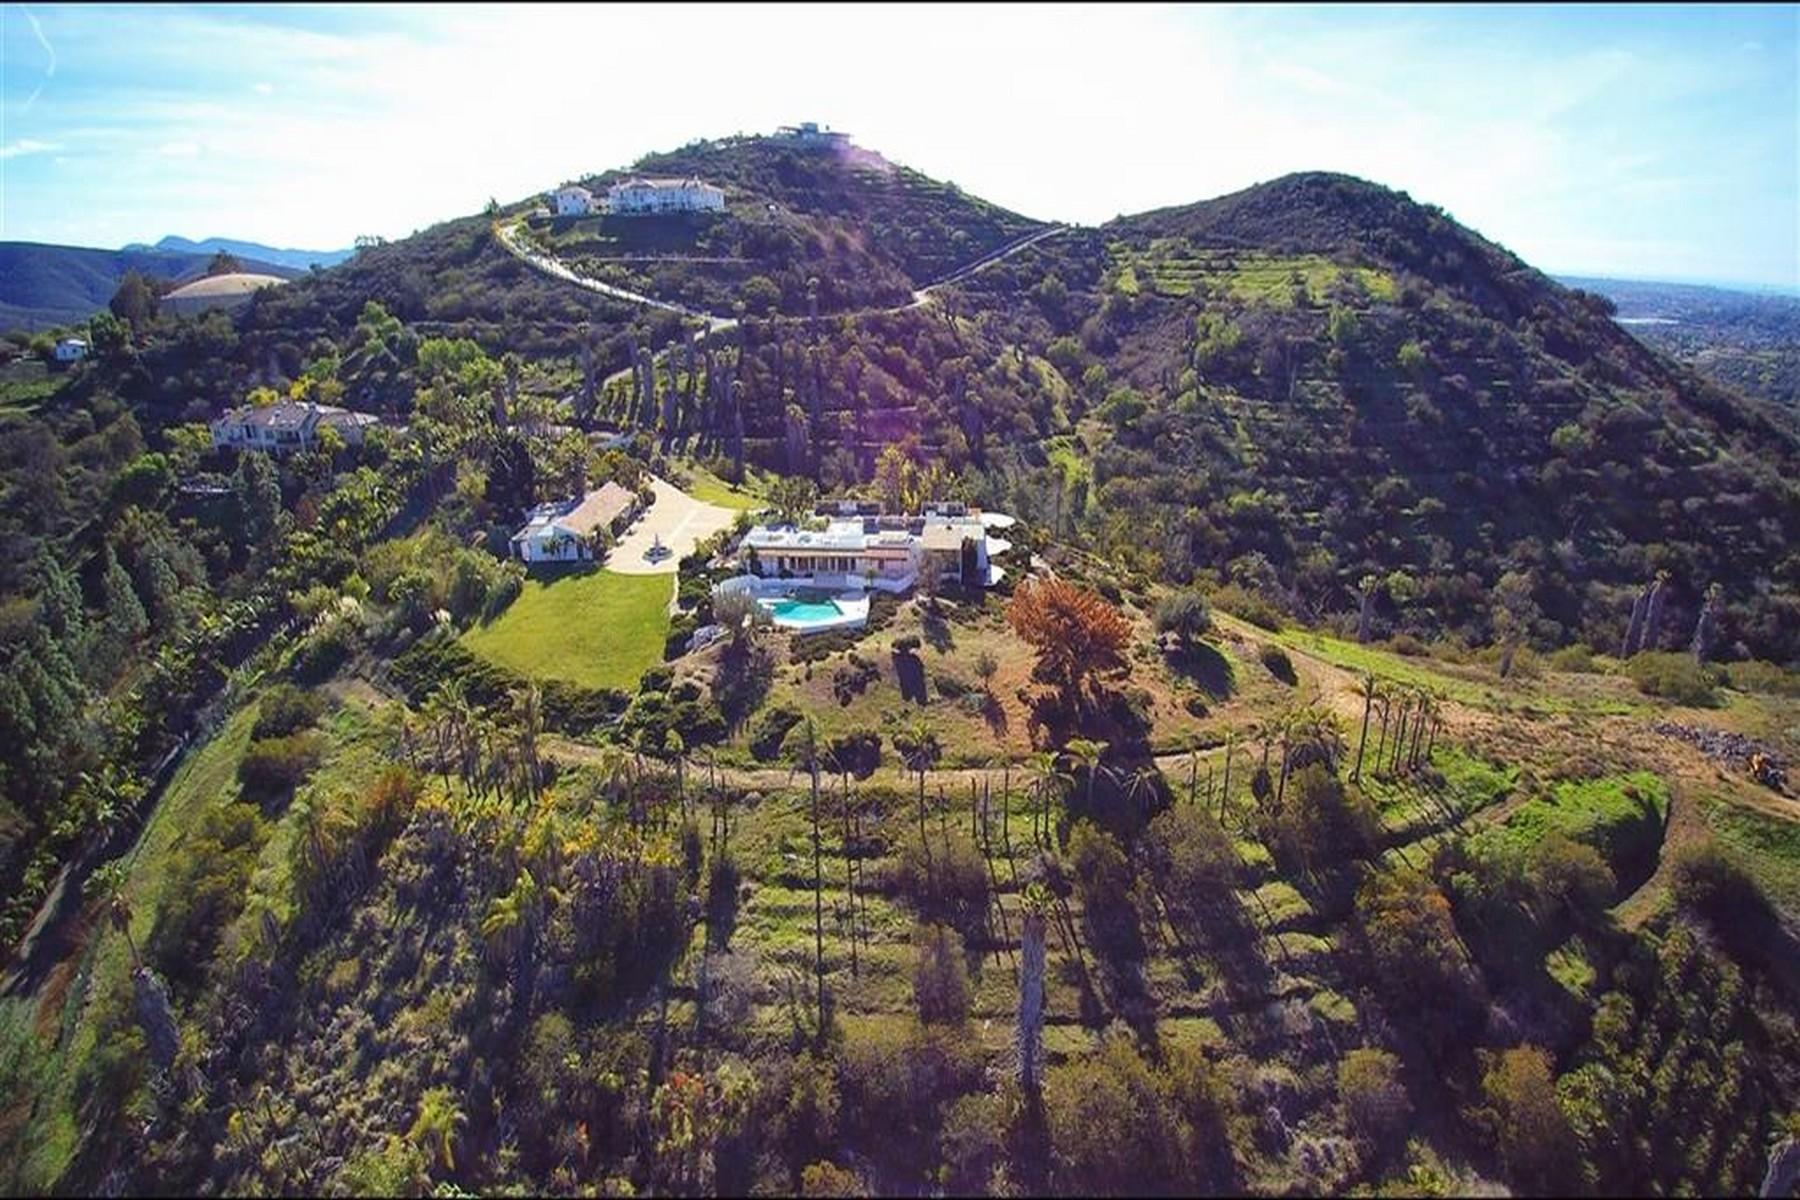 Casa Unifamiliar por un Venta en Buena Creek 3501 Buena Creek Drive Vista, California, 92084 Estados Unidos